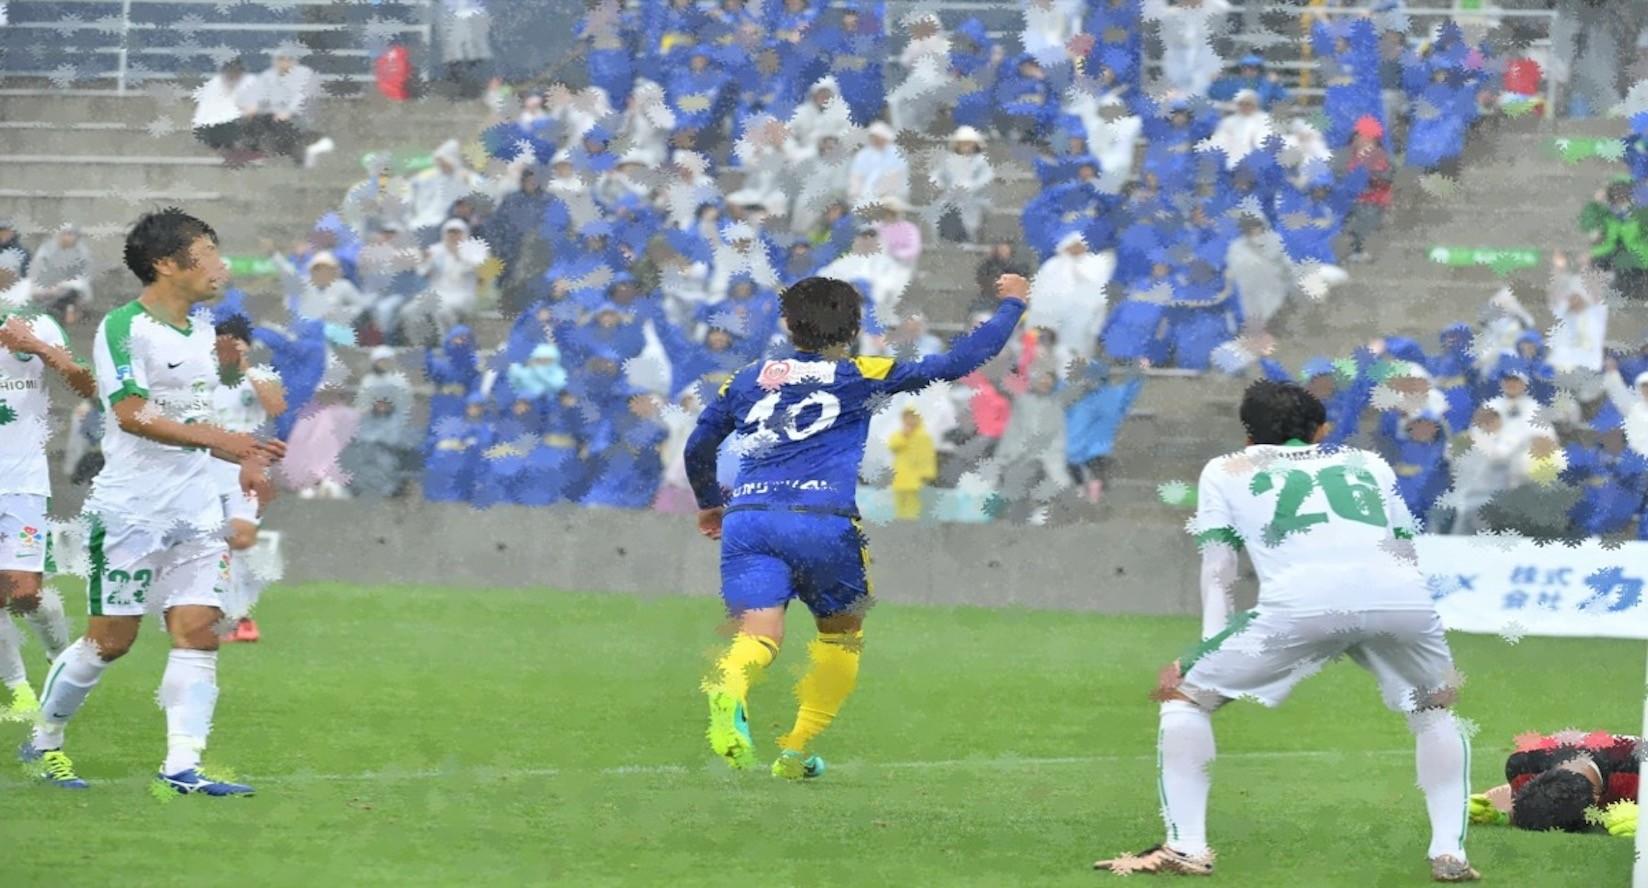 【リリース】FC今治U-18設立及びセレクションのご案内